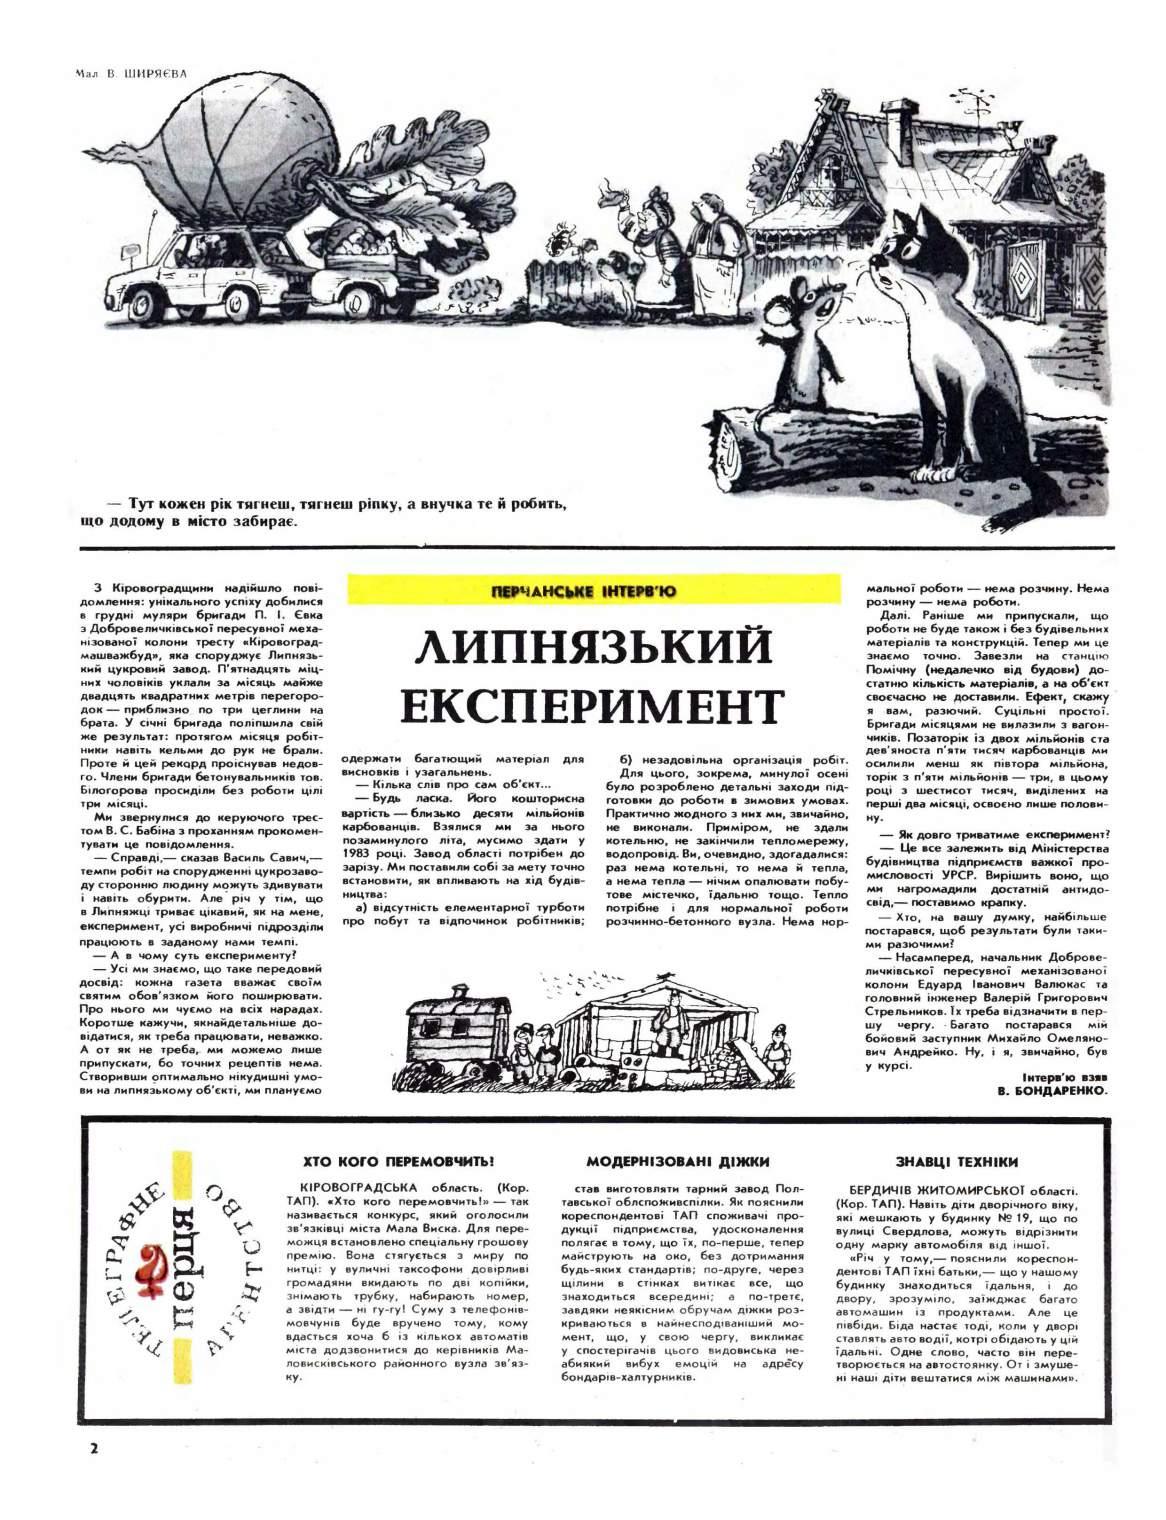 Журнал перець 1981 №17